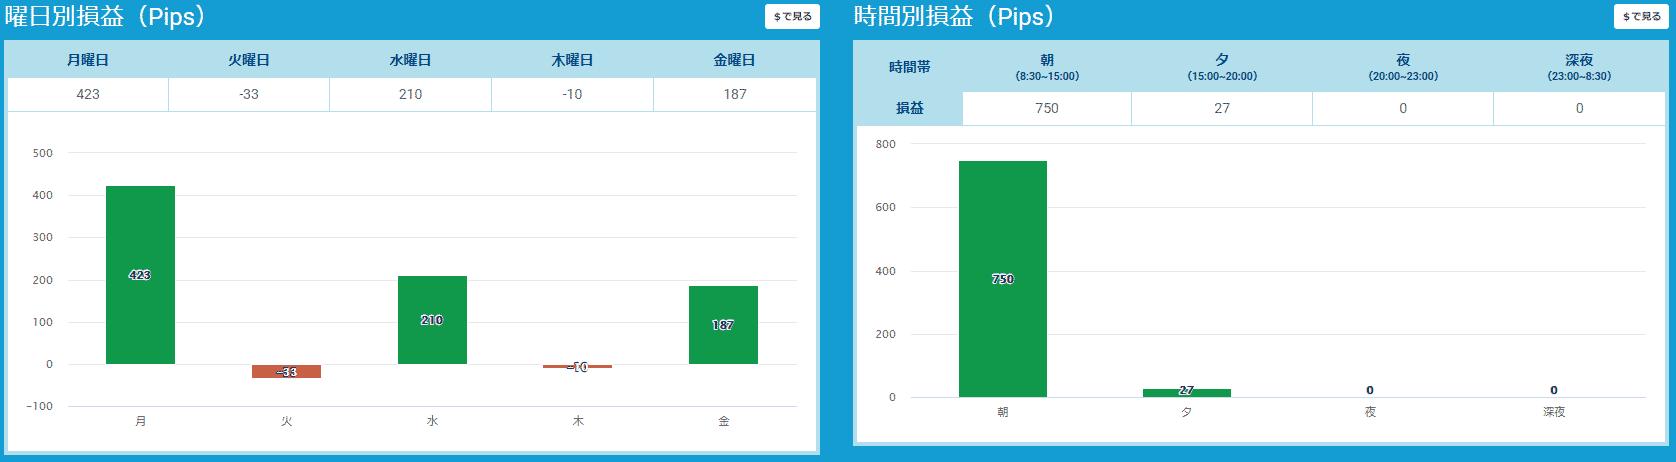 プロップトレーダーチャート202